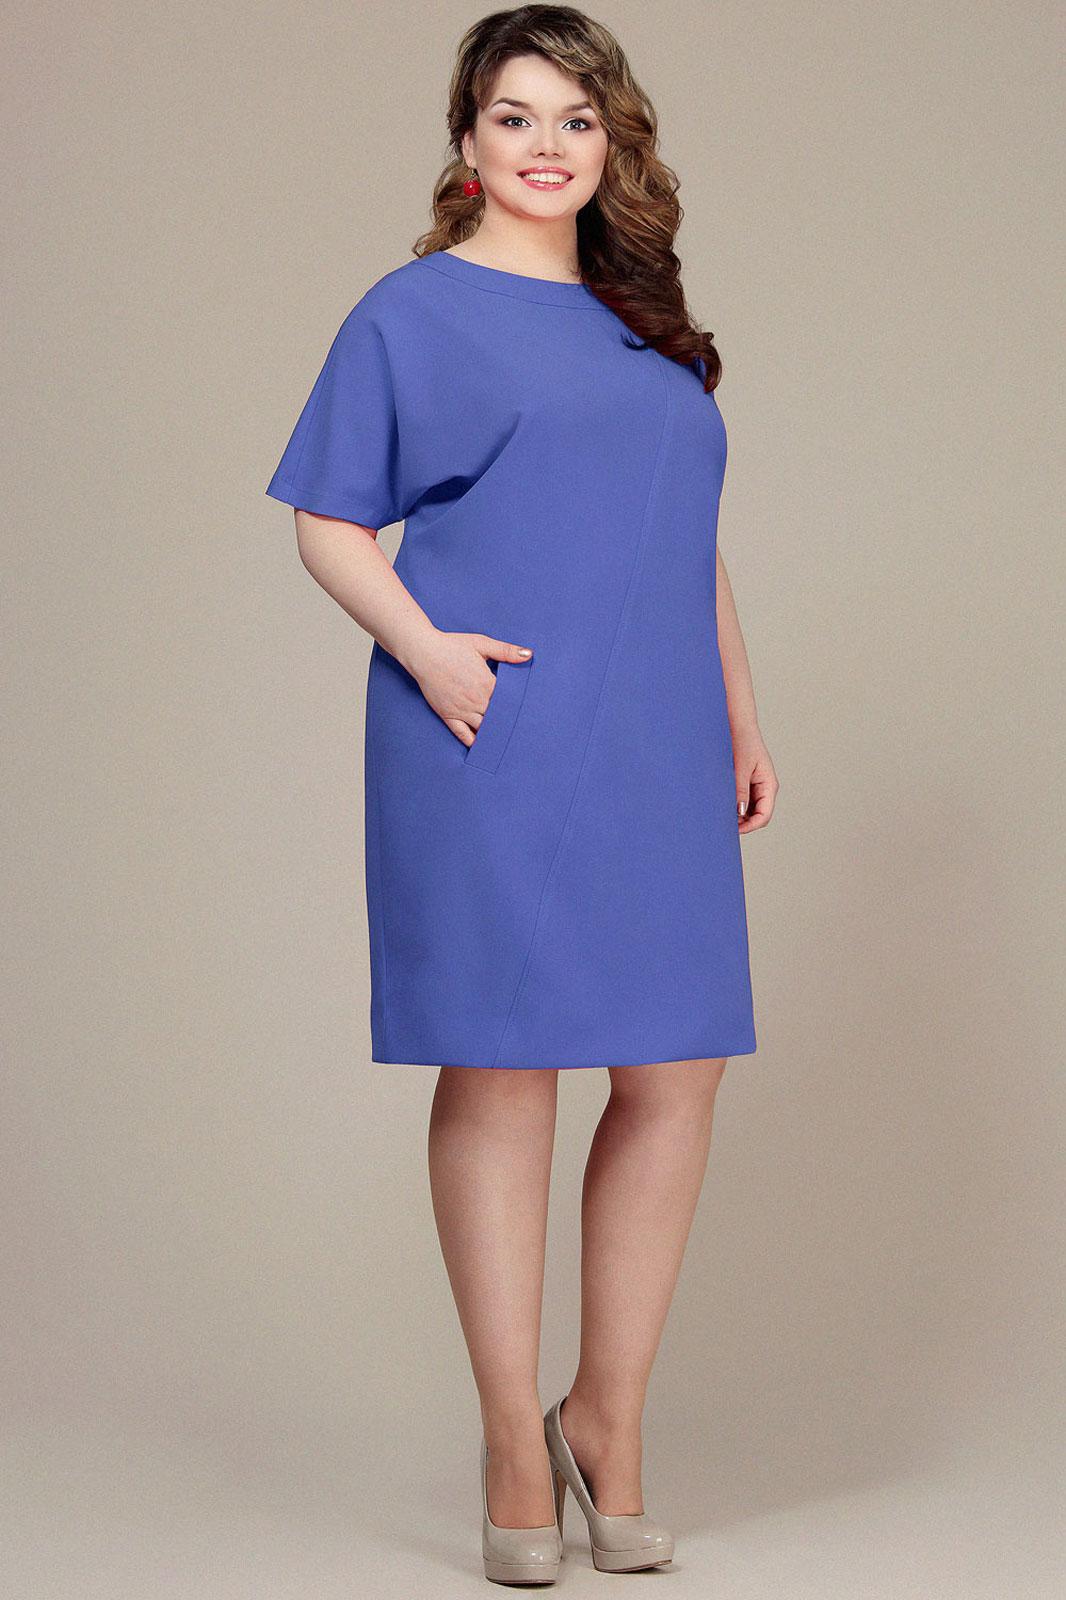 Фасон прямого платья для полных женщин 50 лет